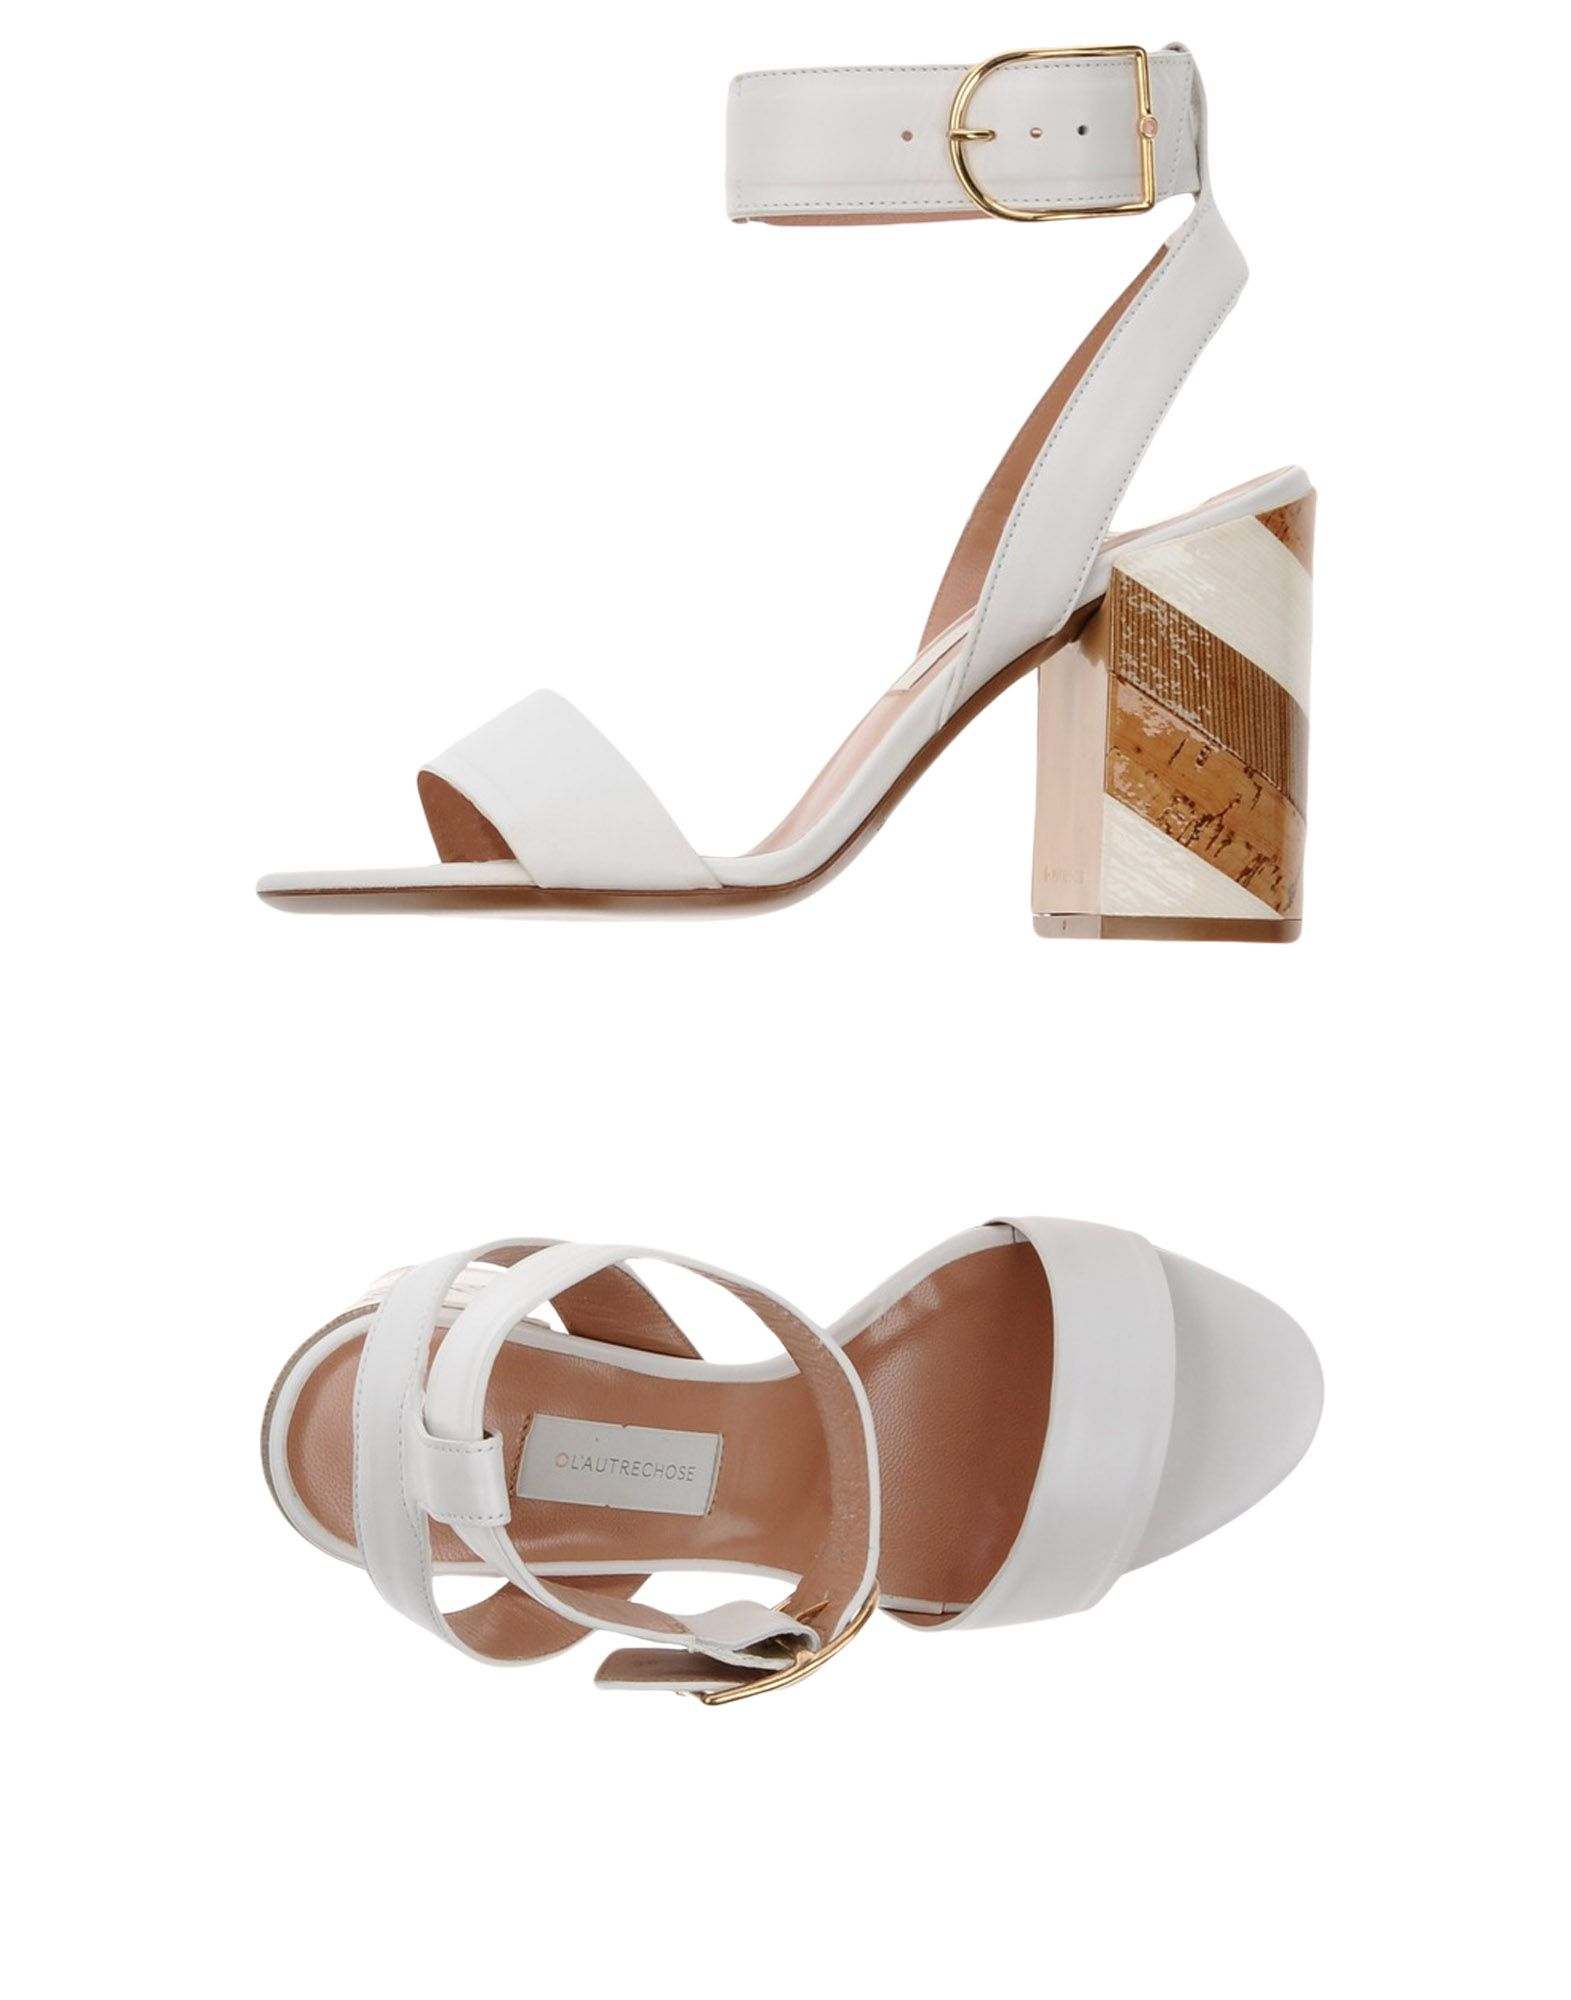 L' Autre Damen Chose Sandalen Damen Autre  11380855JJ Neue Schuhe 71e768